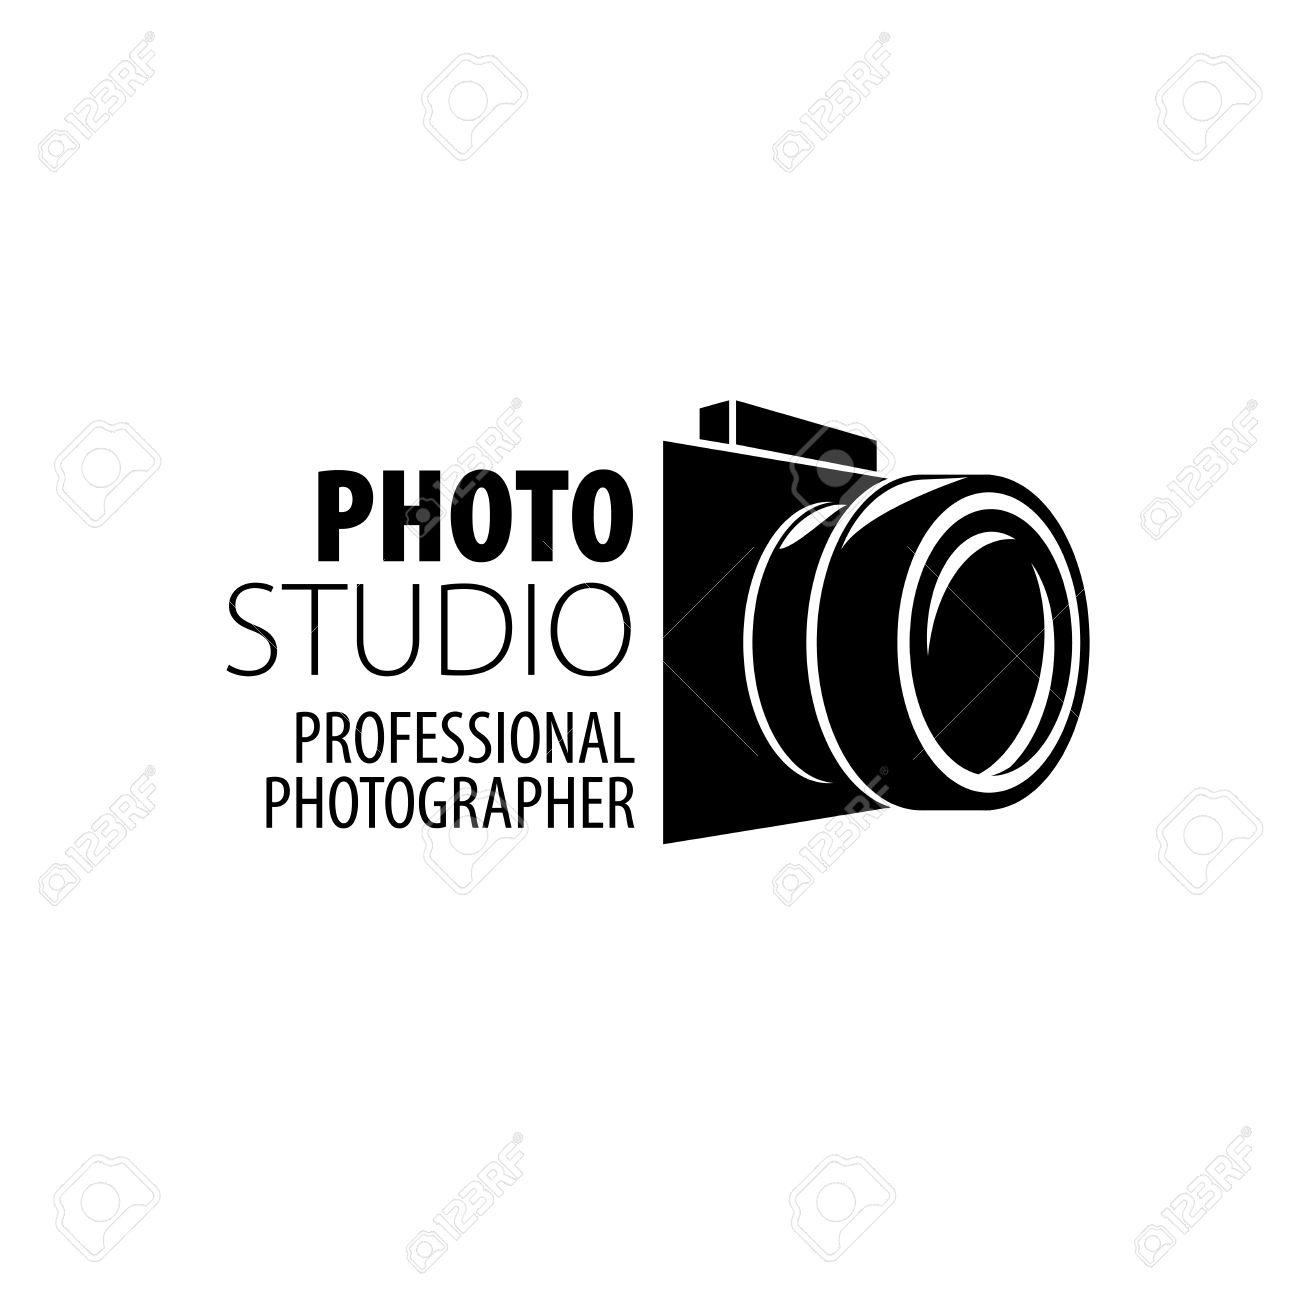 Vector Logo Vorlage Für Einen Fotografen Oder Studio Lizenzfrei